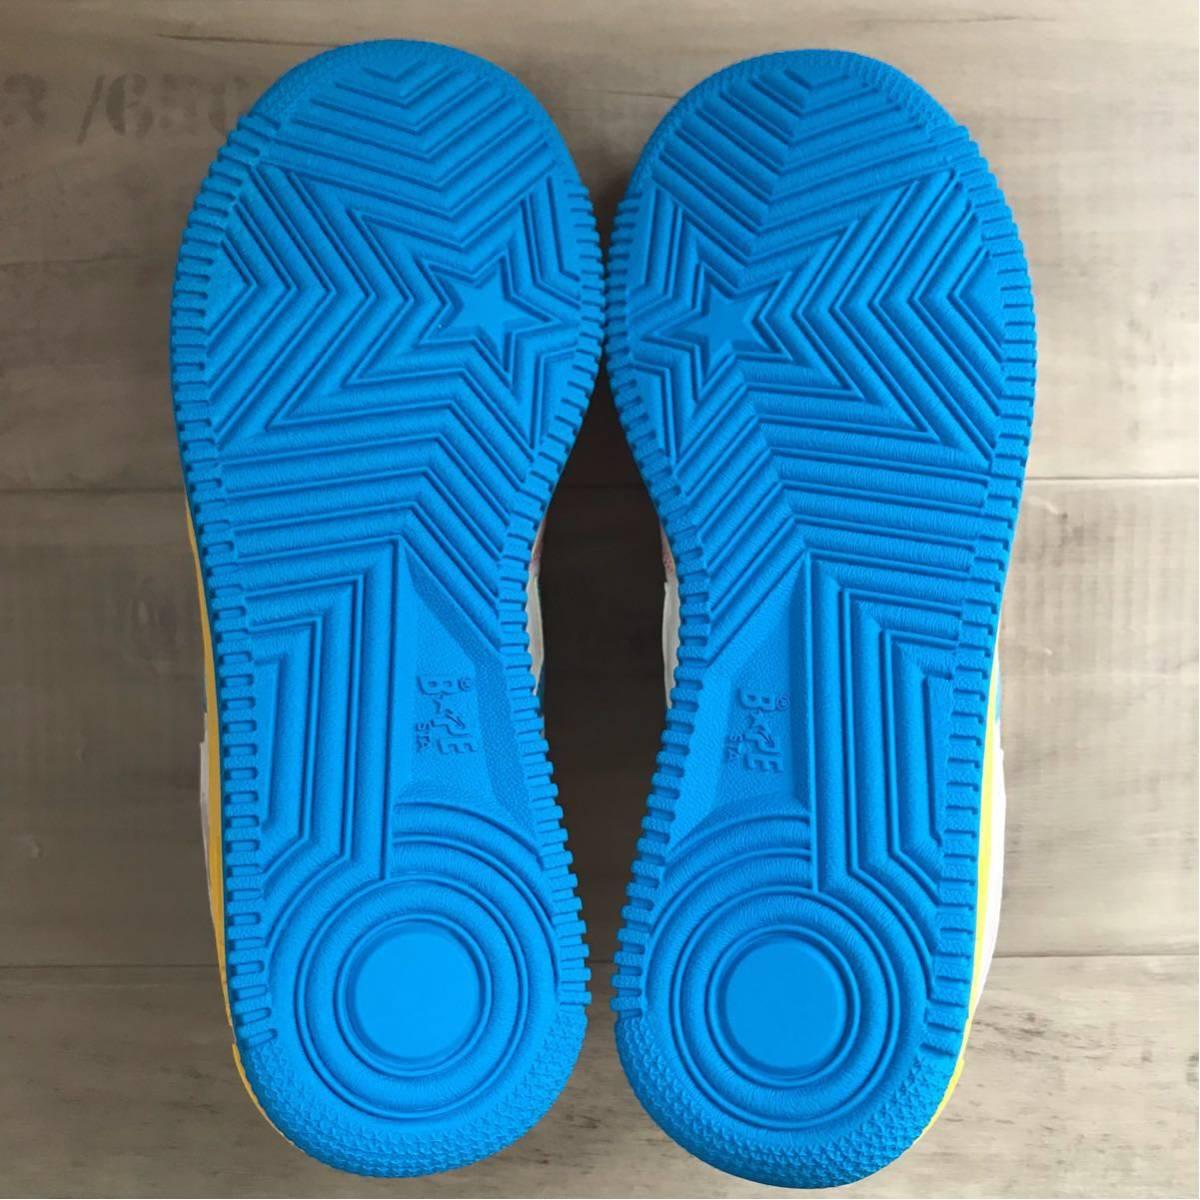 ★新品★ multi color BAPESTA 27.5cm a bathing ape BAPE STA sneakers エイプ ベイプ ベイプスタ スニーカー candy camo nigo kanye